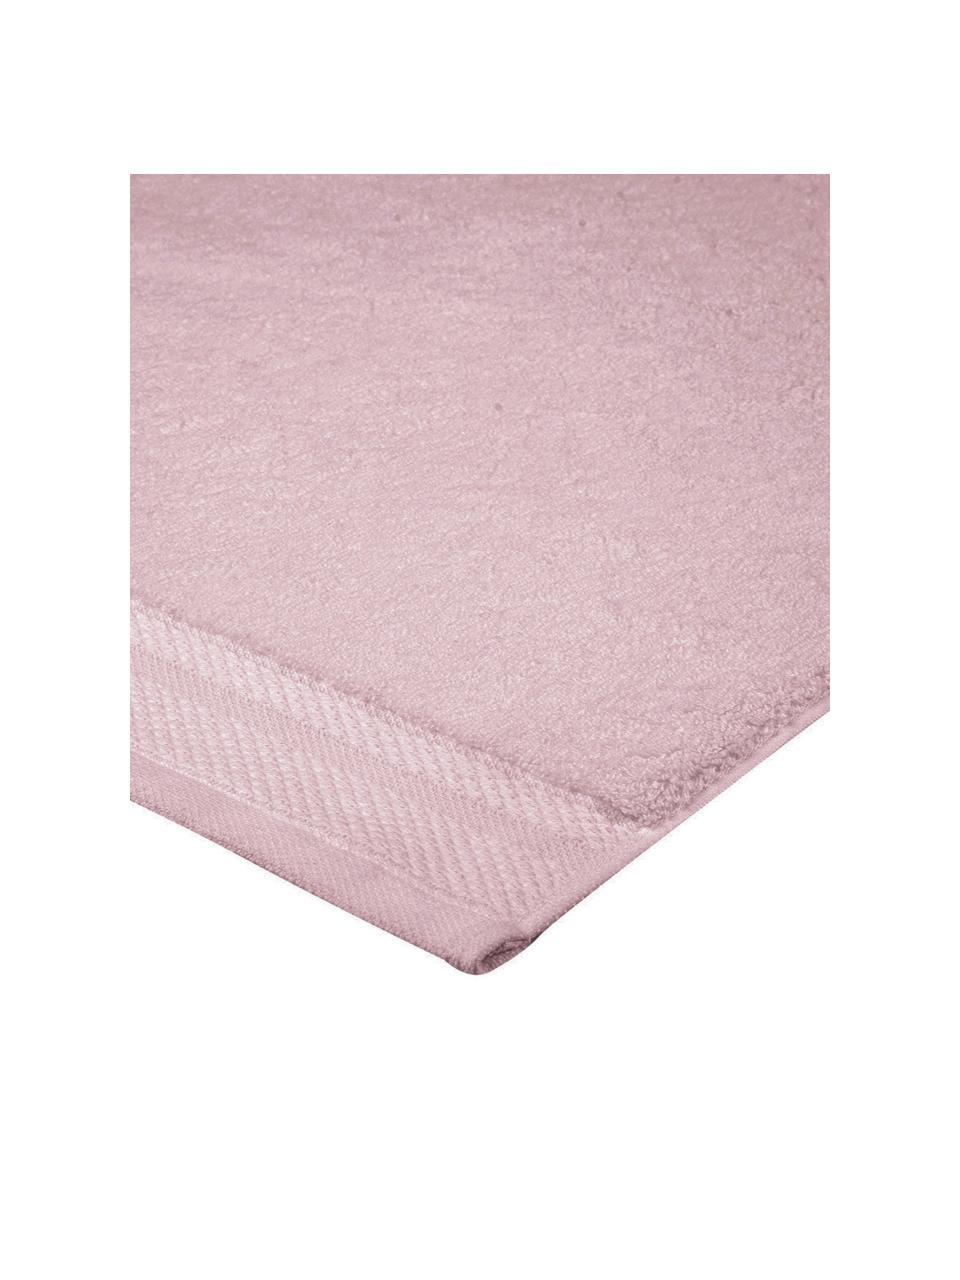 Badematte Premium, rutschfest, 100% Baumwolle, schwere Qualität 600 g/m², Altrosa, 50 x 70 cm